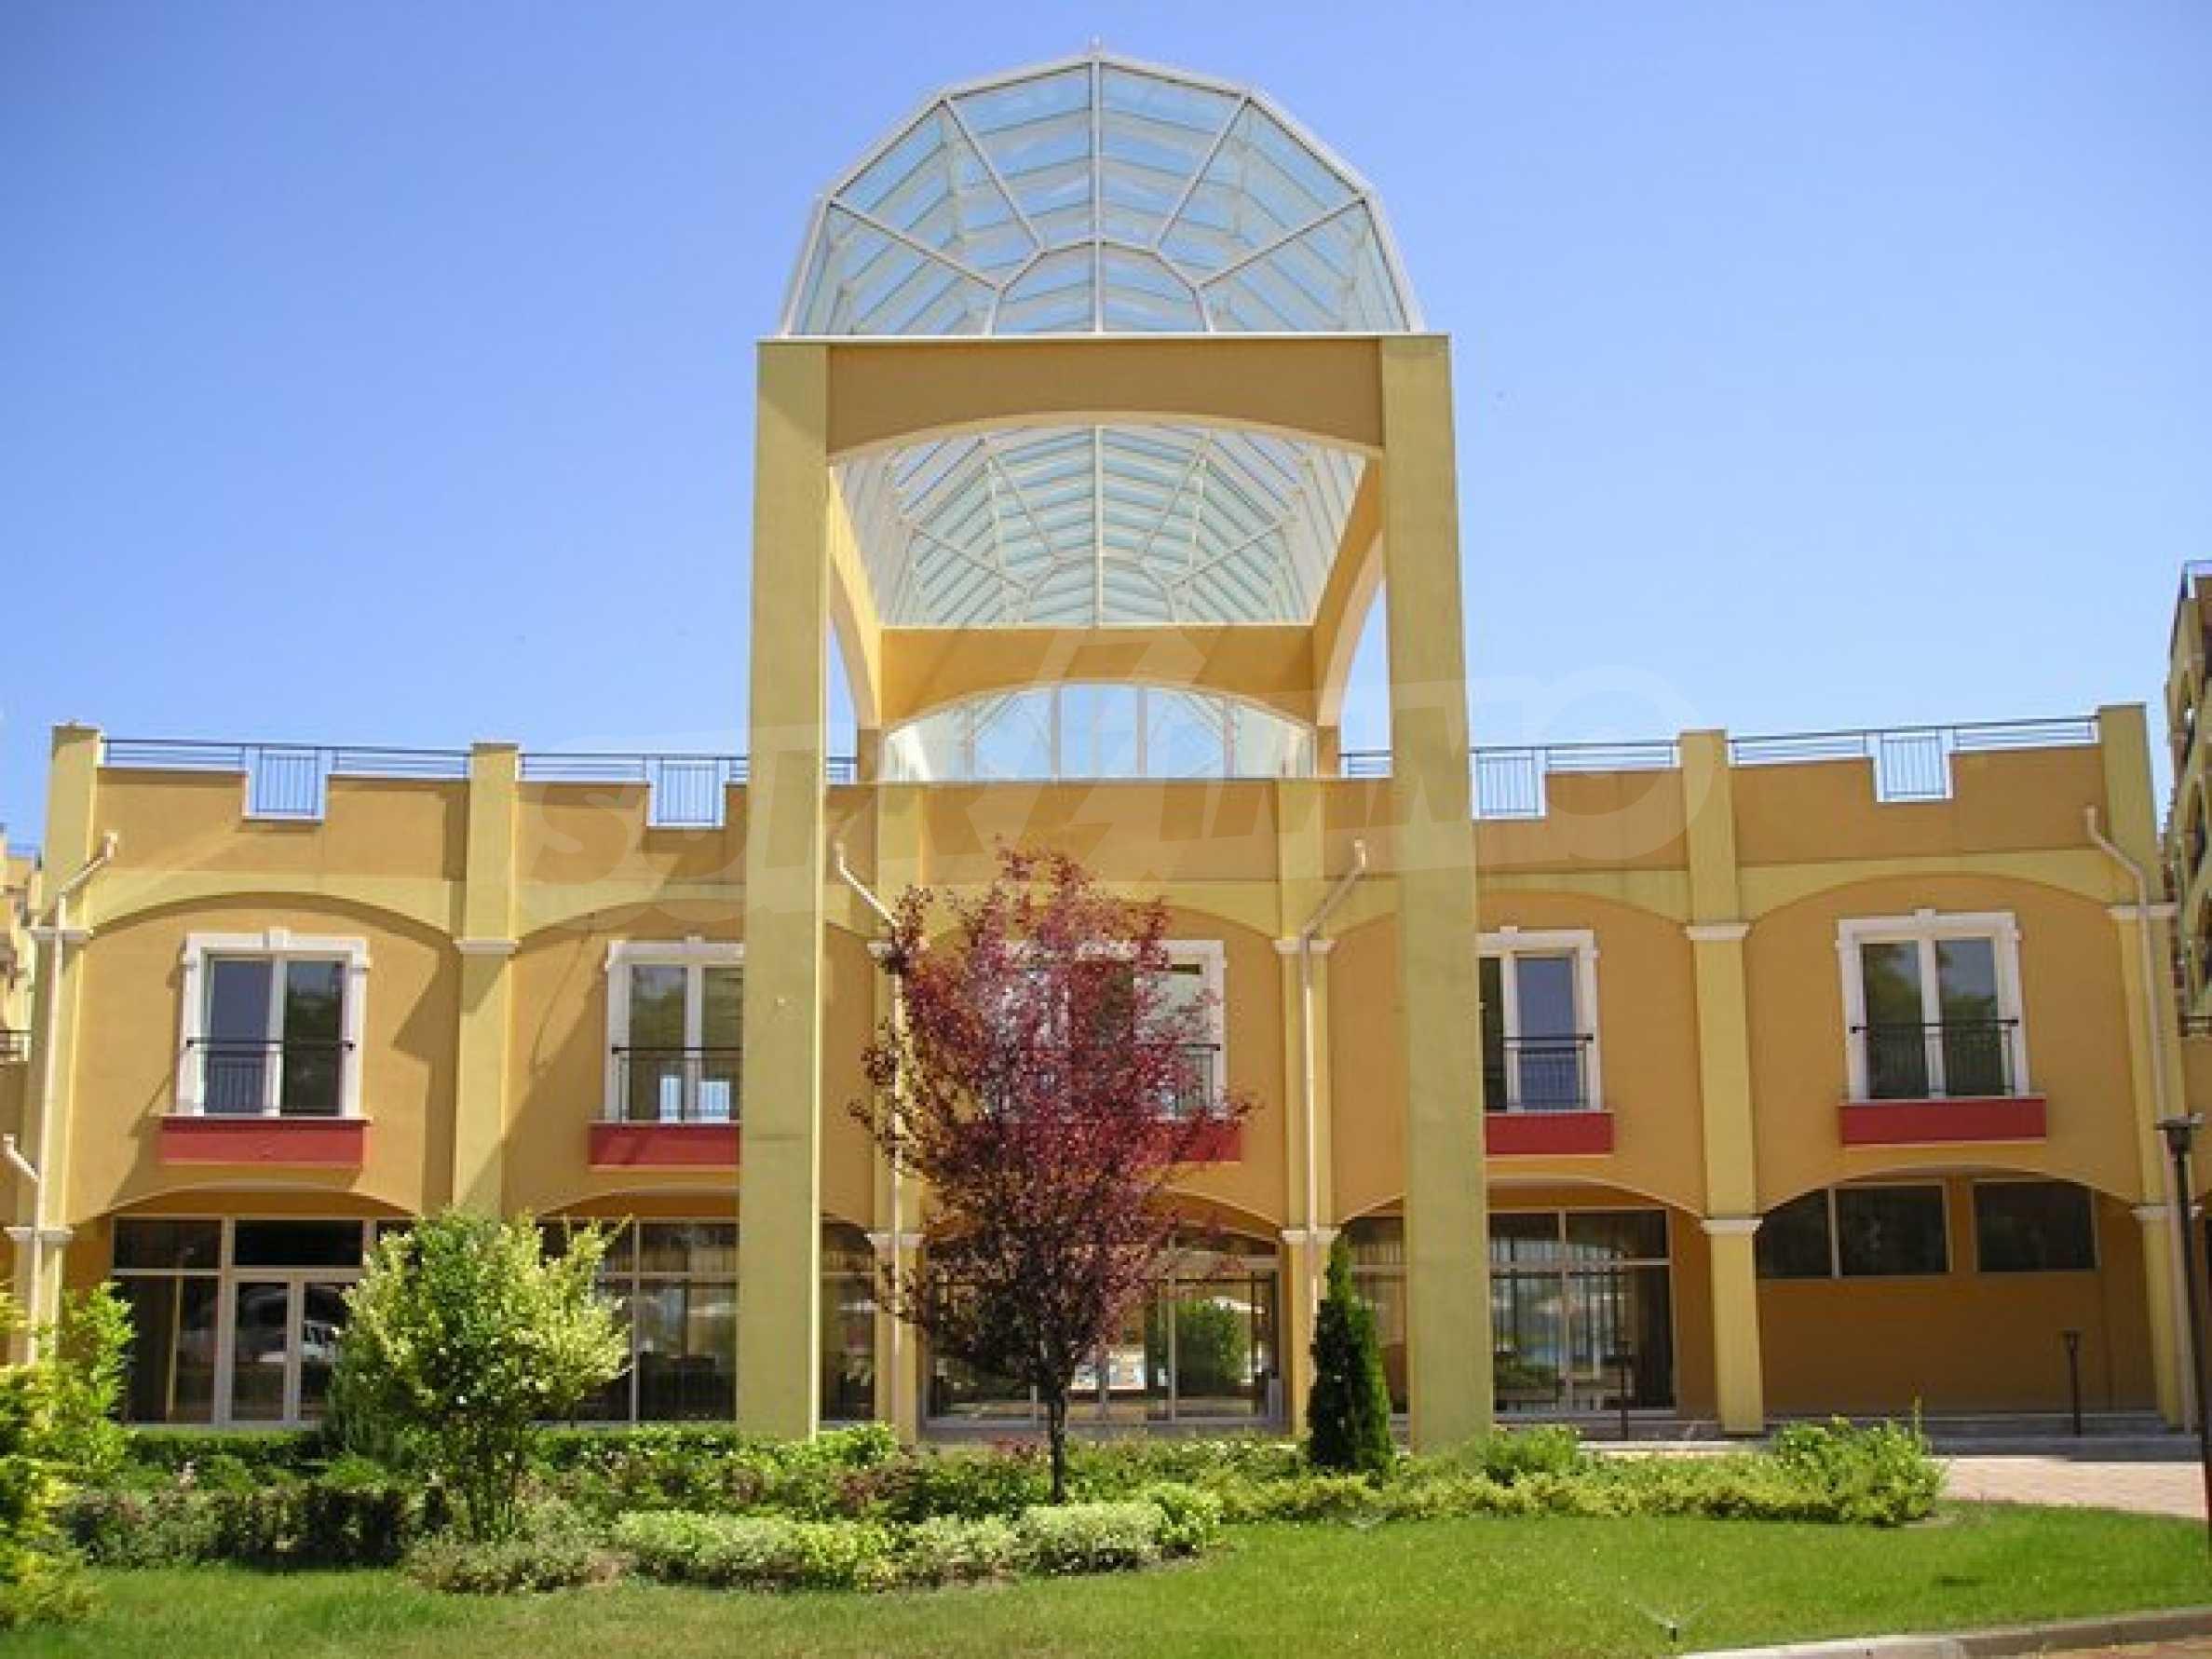 Studio zum Verkauf im Midia Grand Resort in Aheloy 33